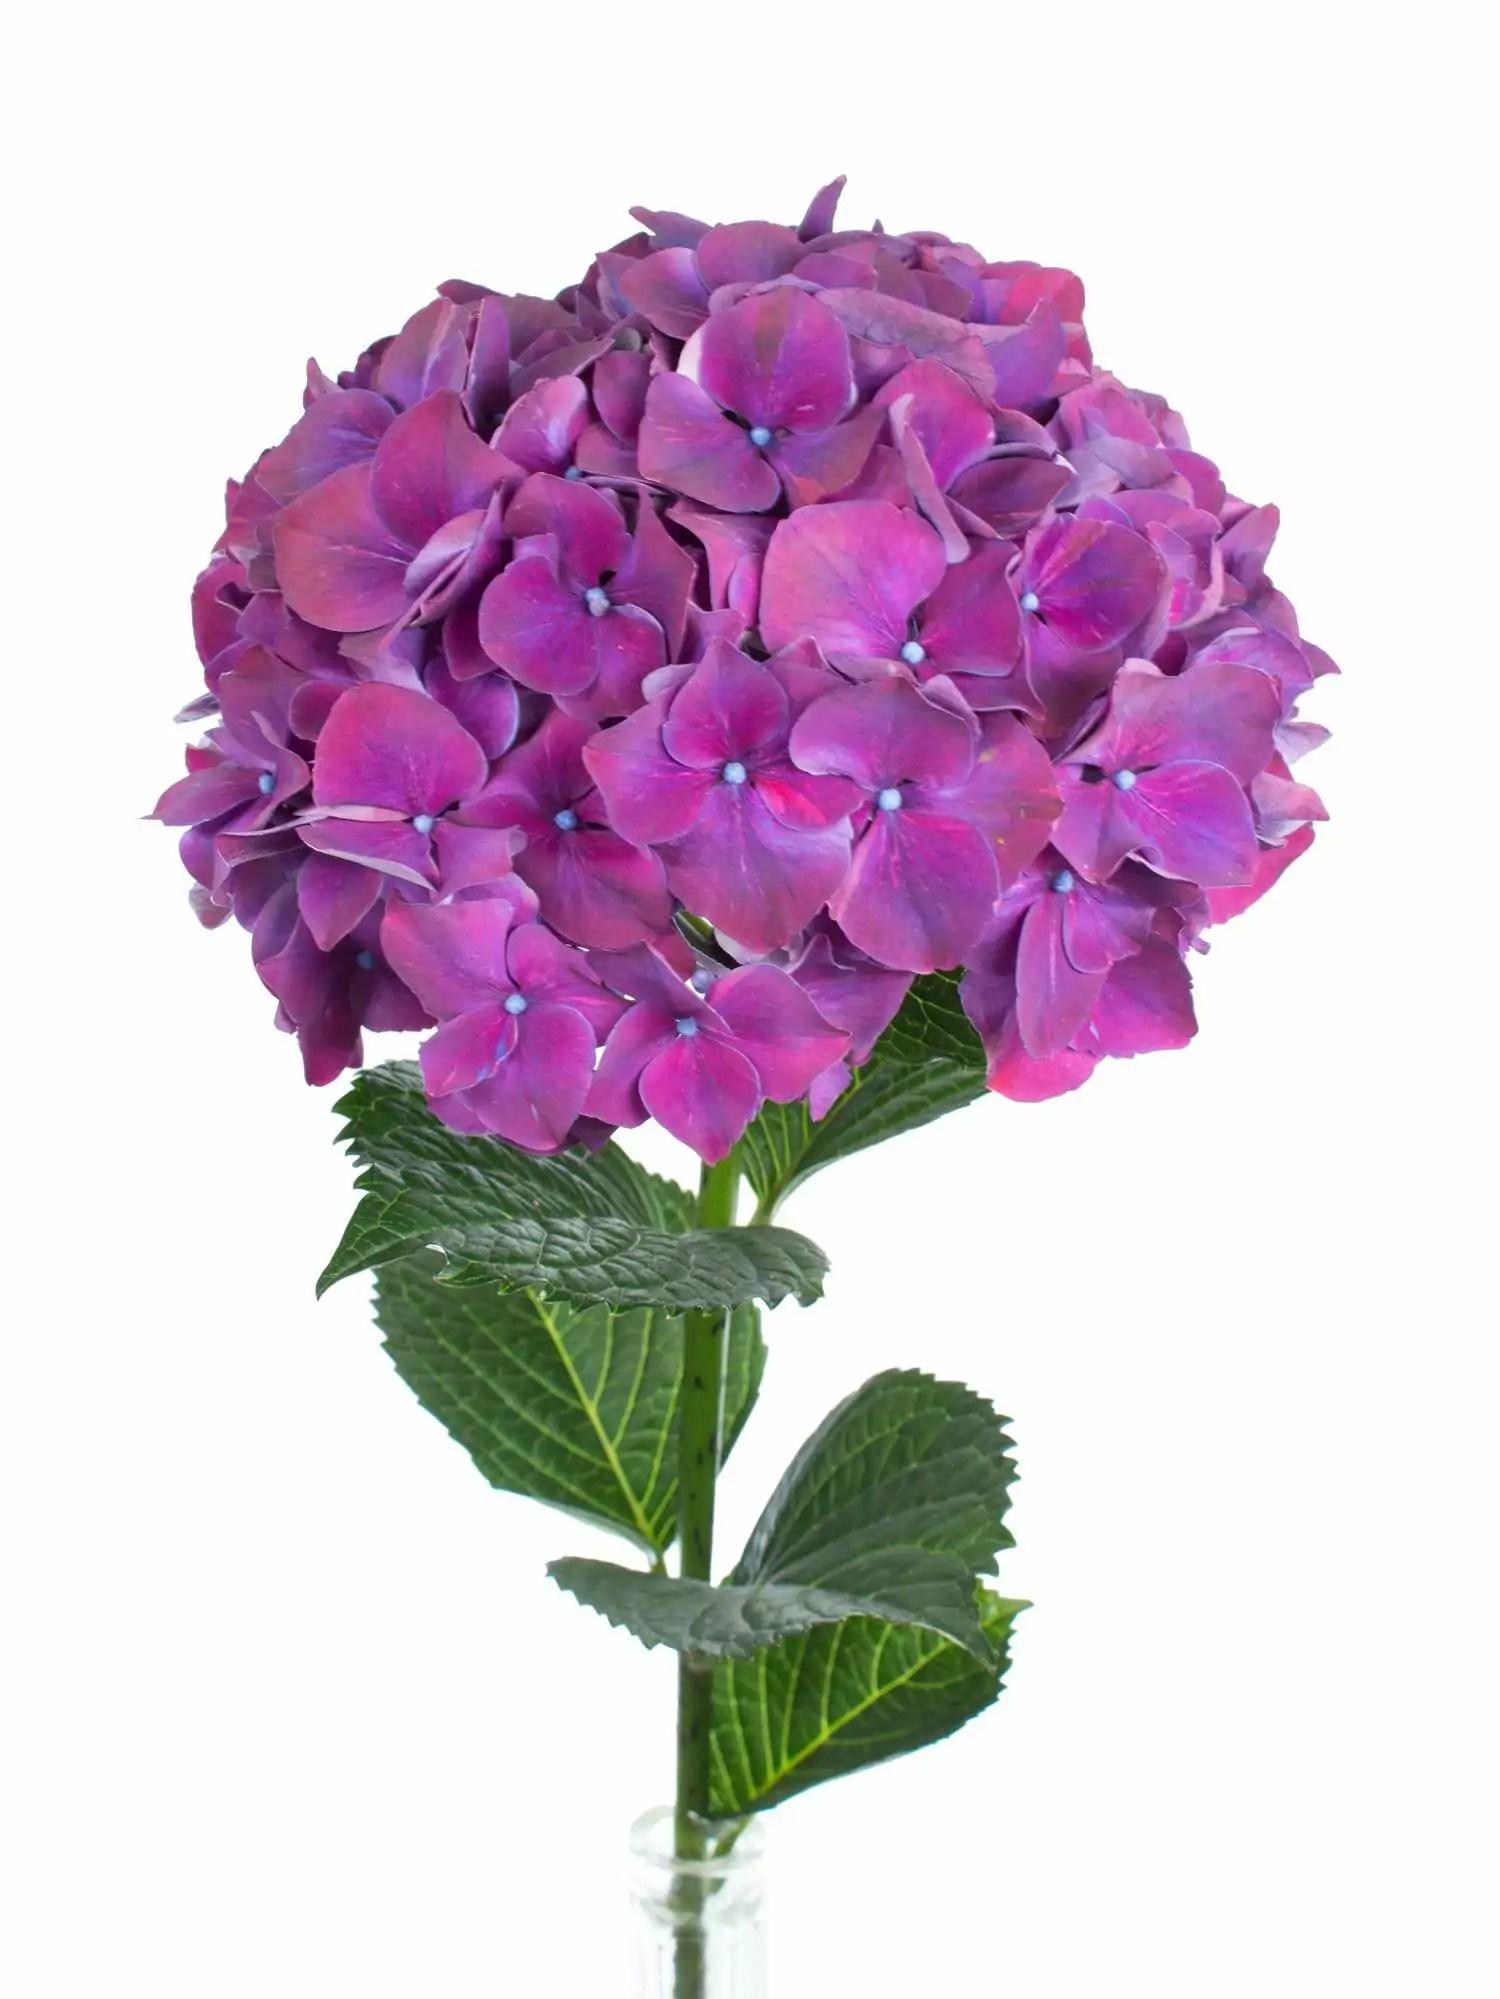 Hortensie Magical Rubyred auberginelila bestellen Blumigo